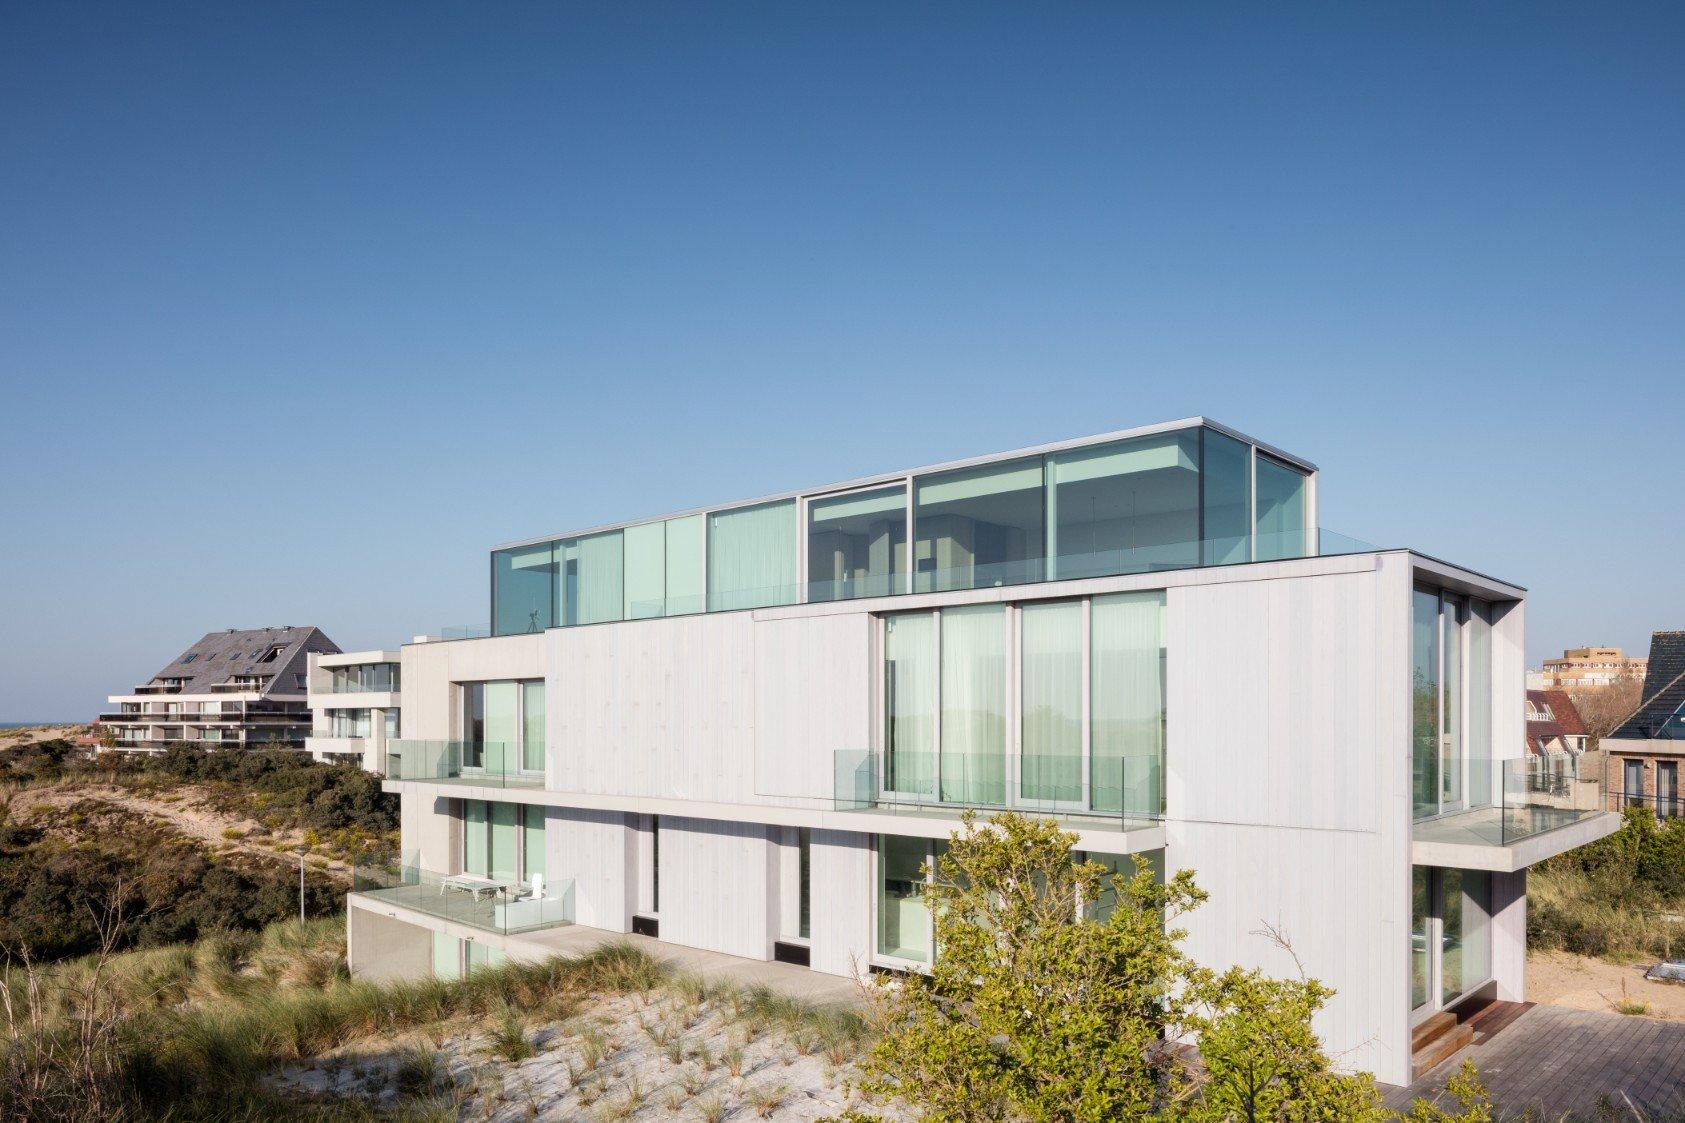 Rietveldprojects-saarinen-appartement-design-architectuur-kust-tvdv14.jpg